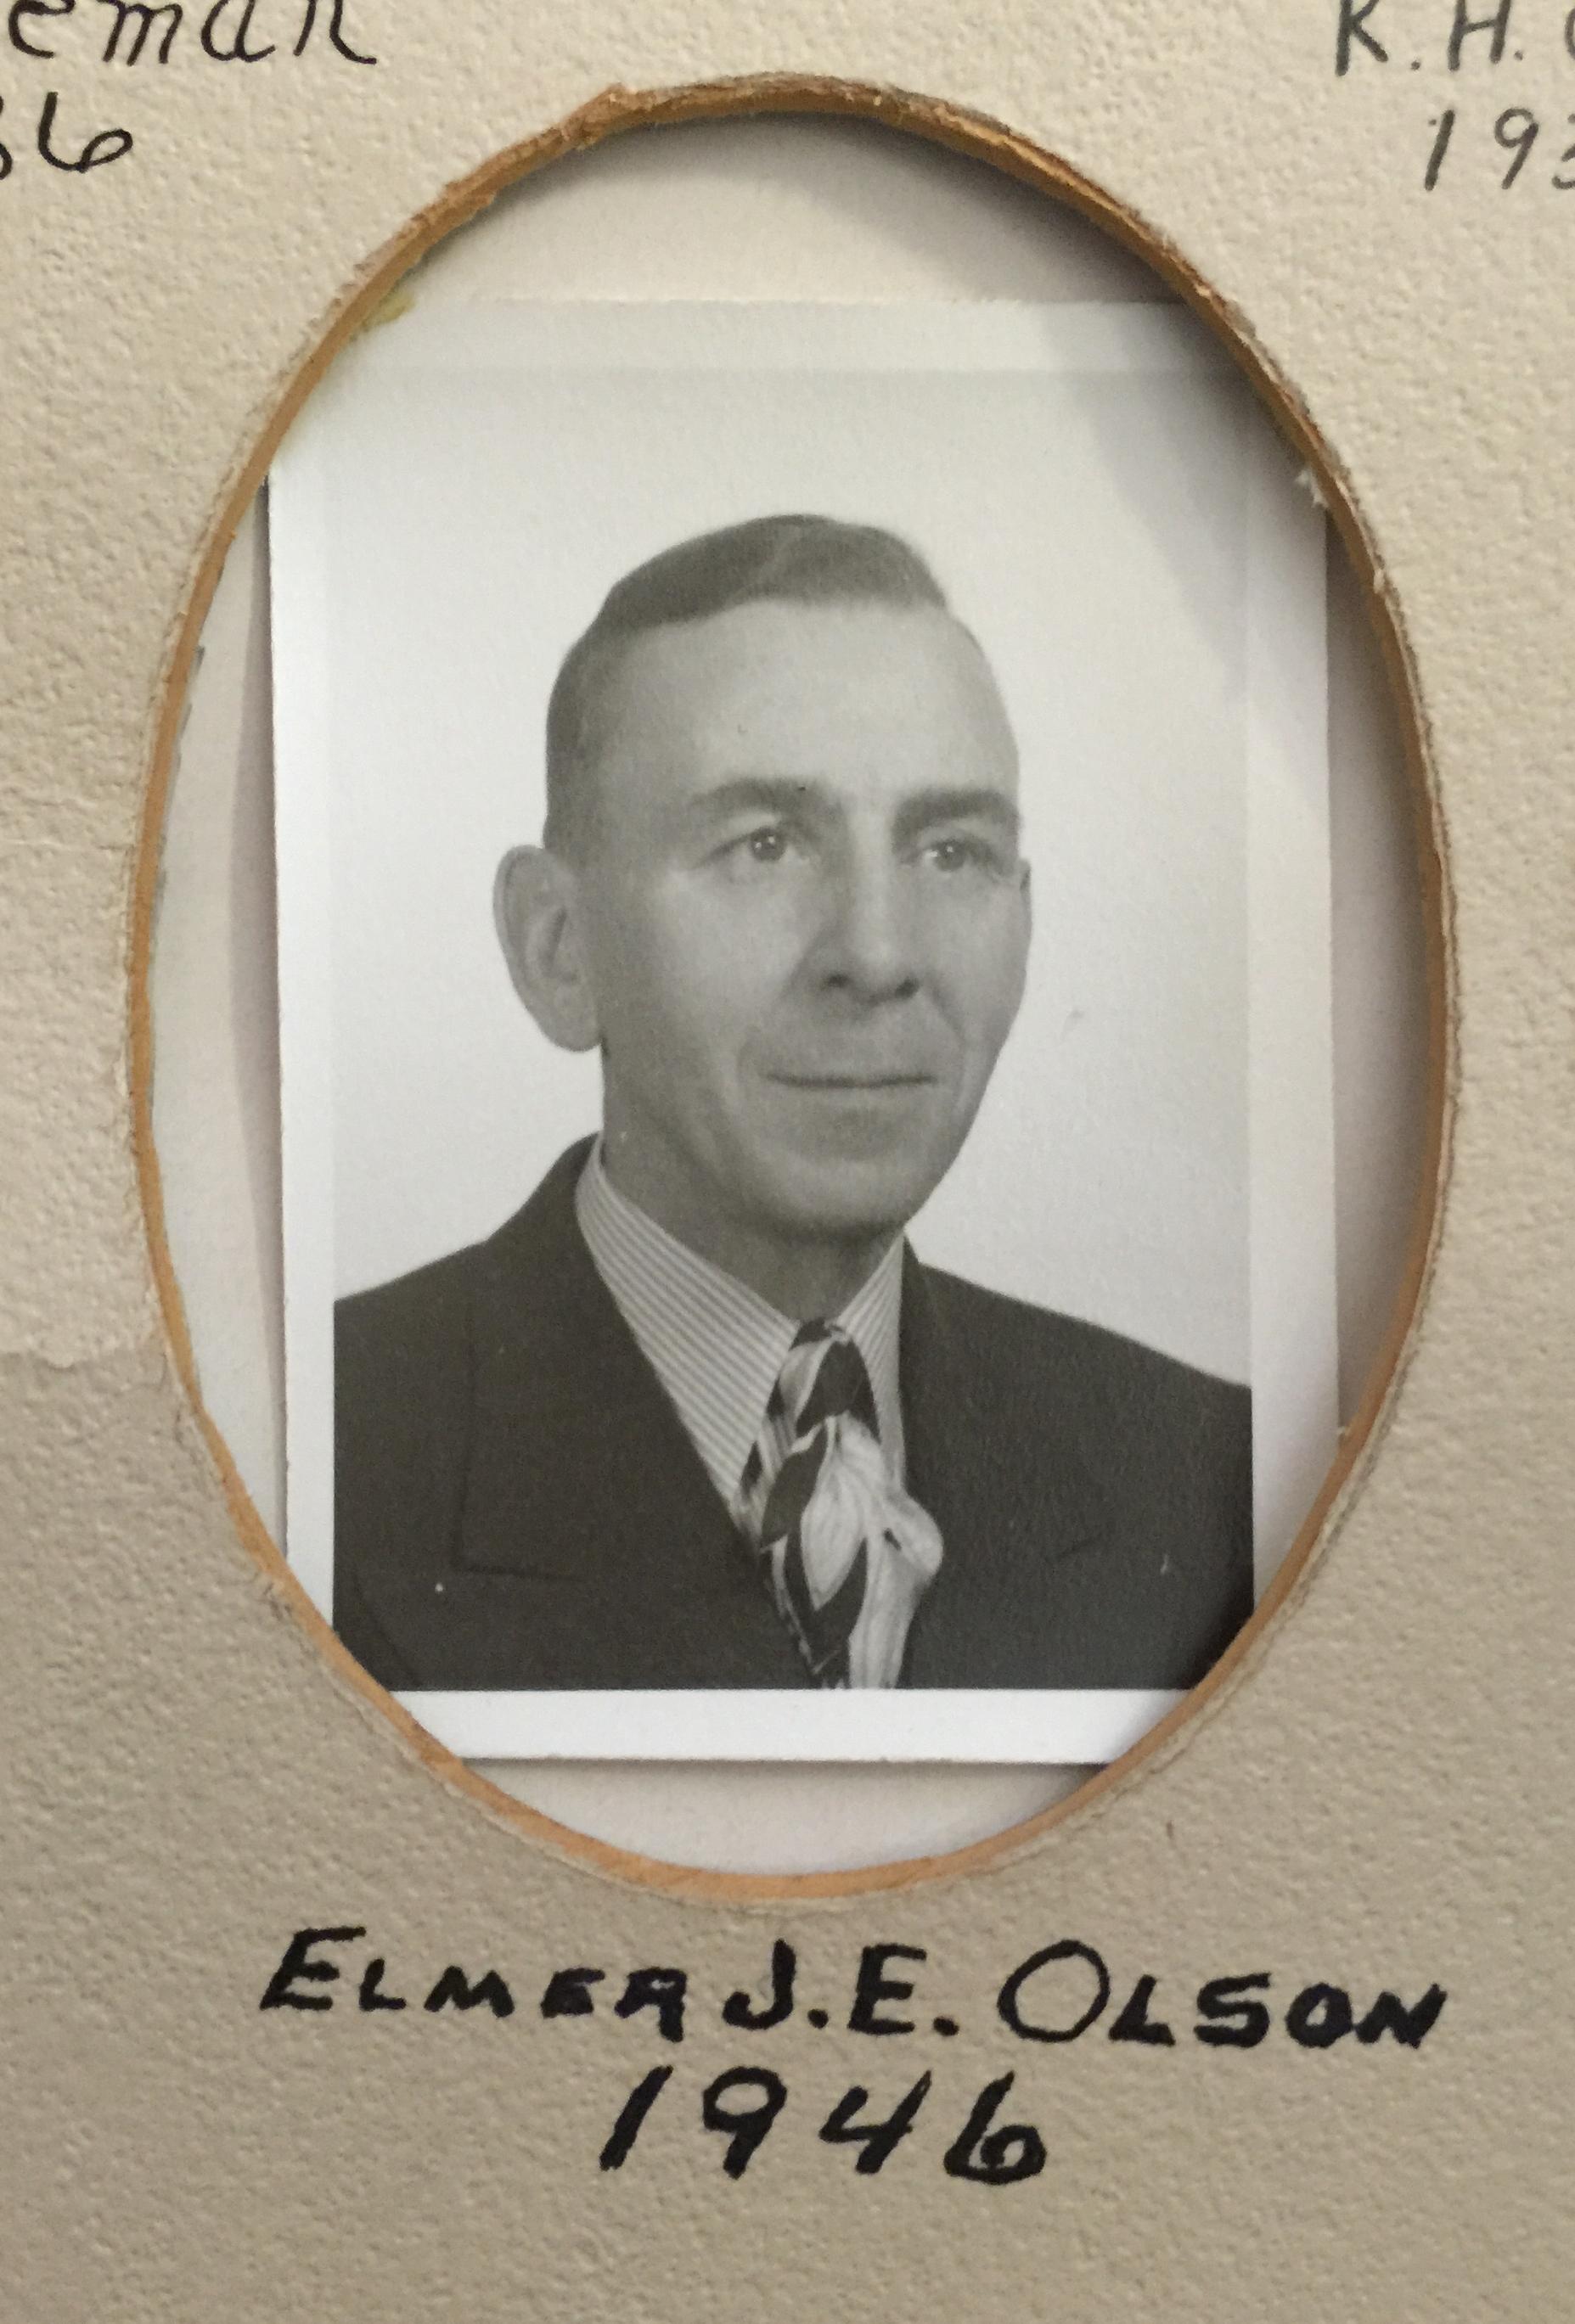 1946 Elmer J.E. Olson